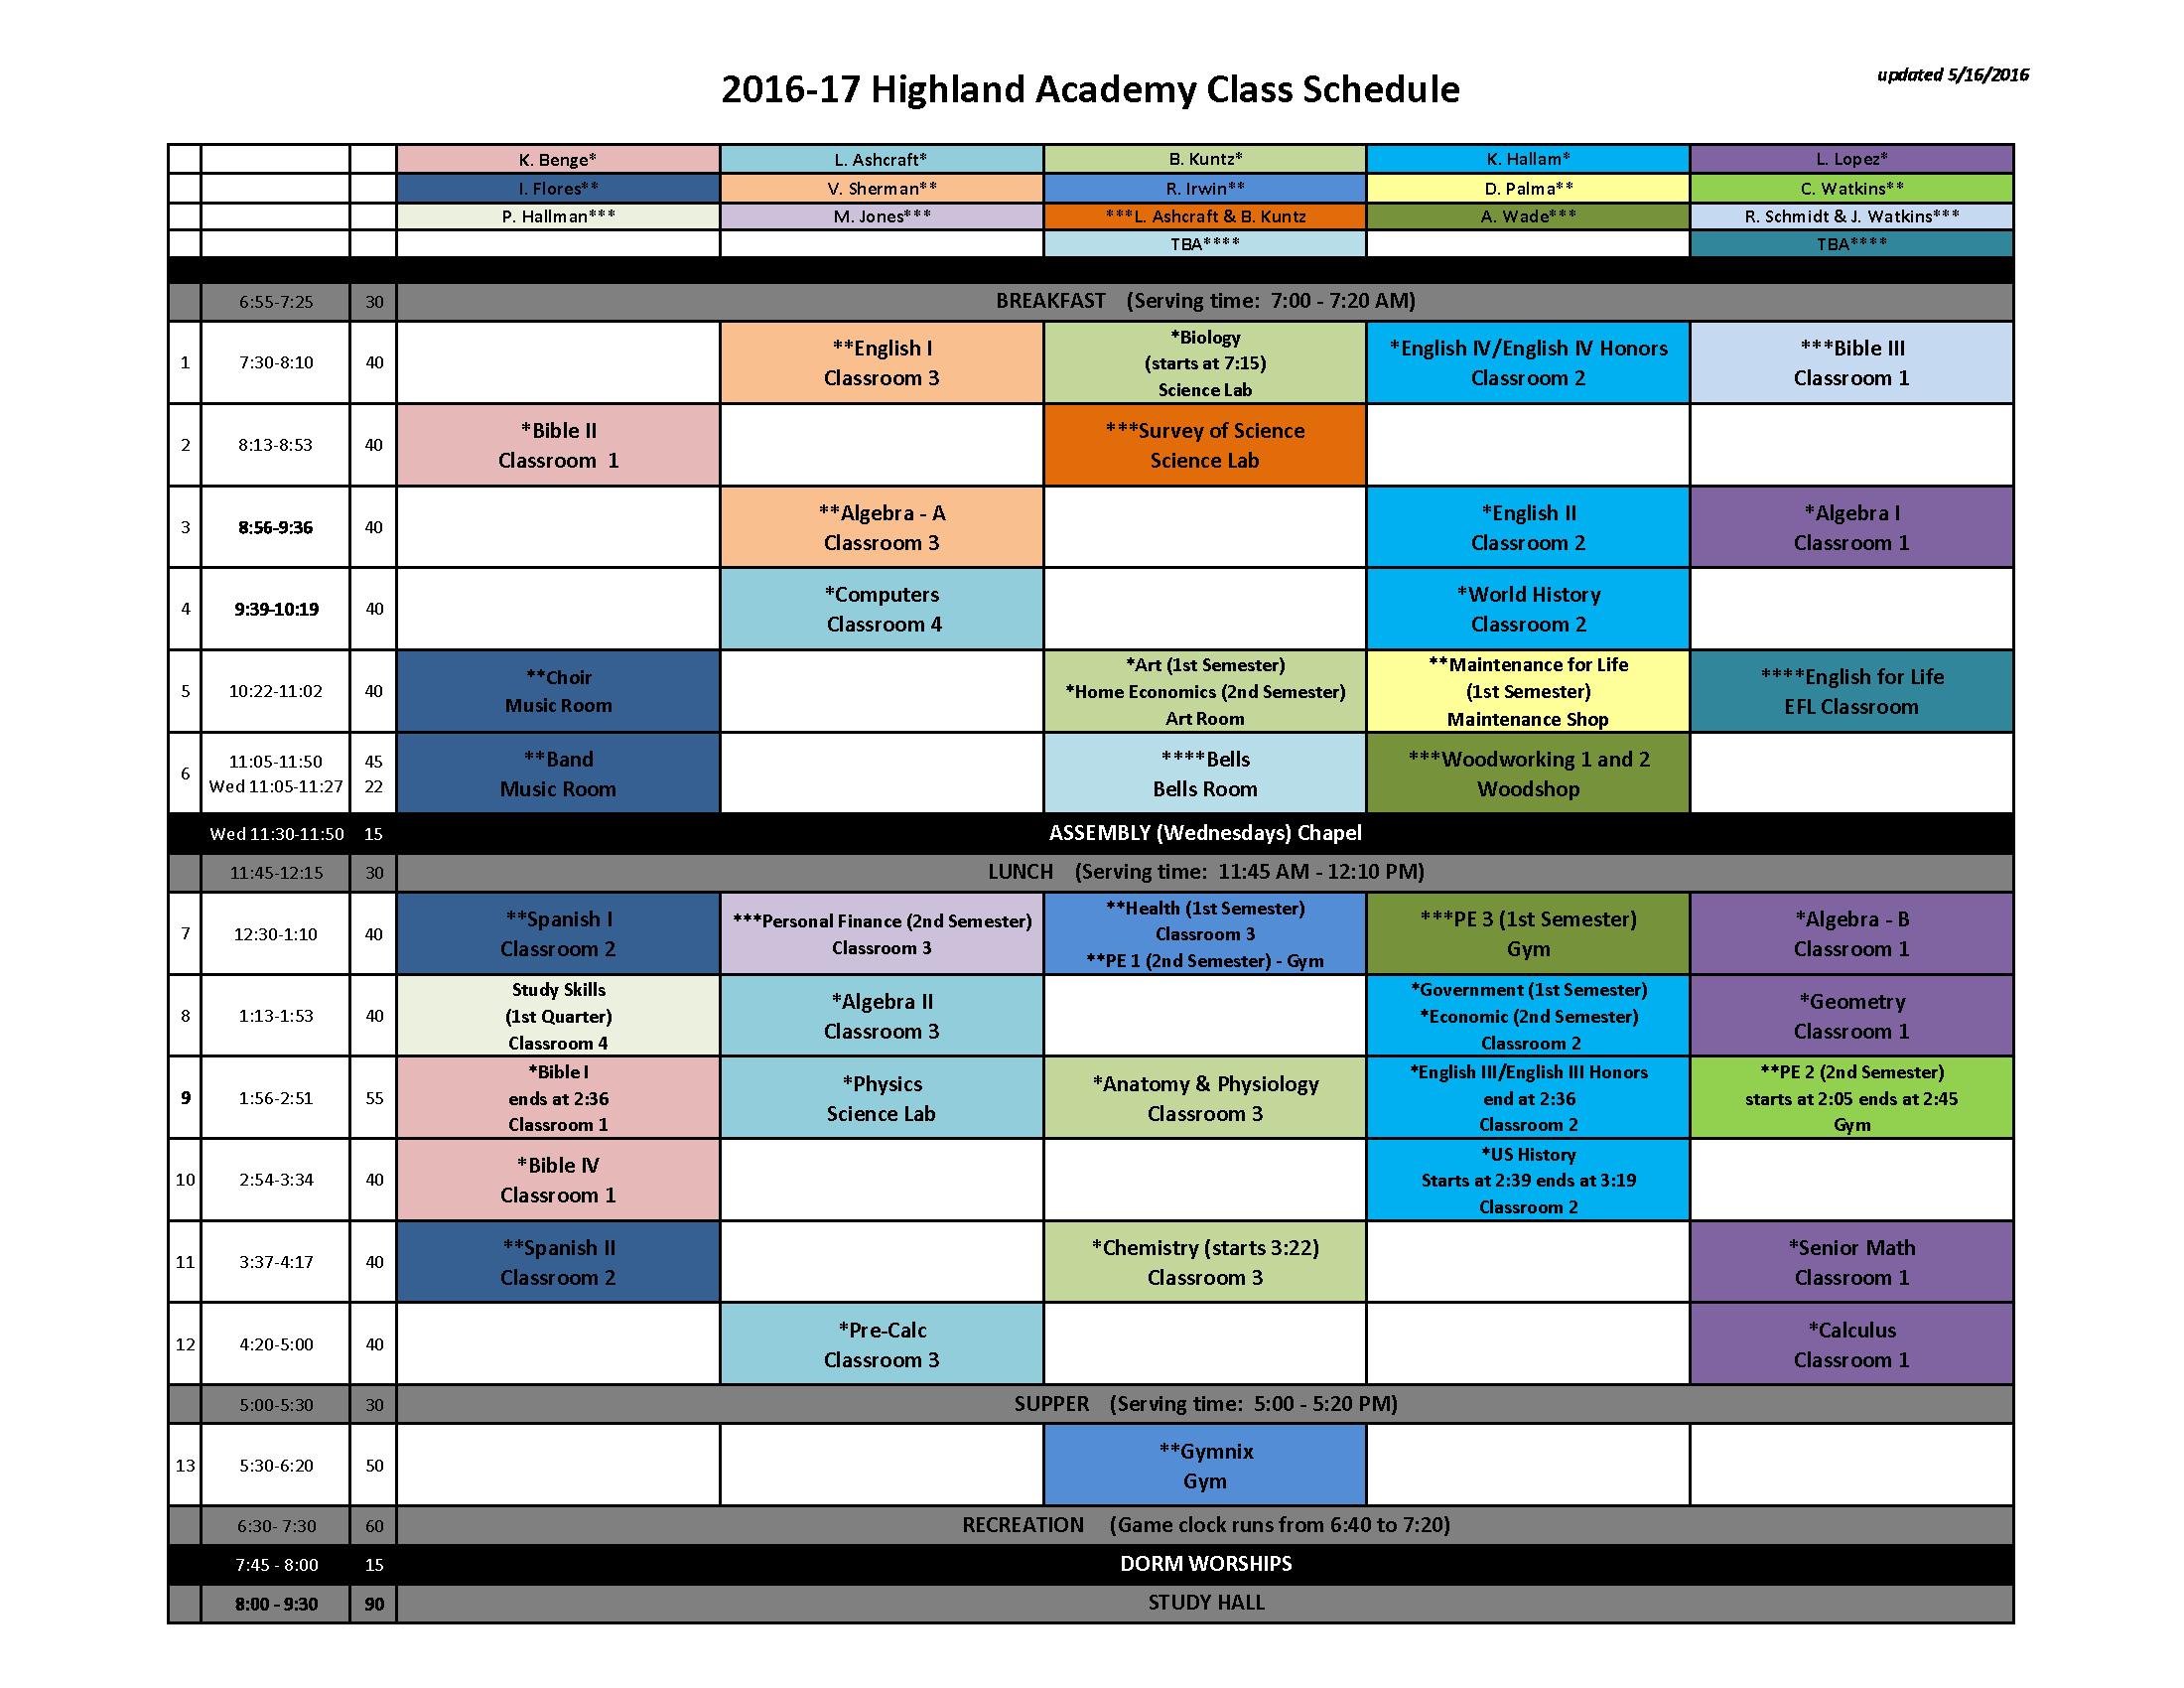 2016-17 Class Schedule